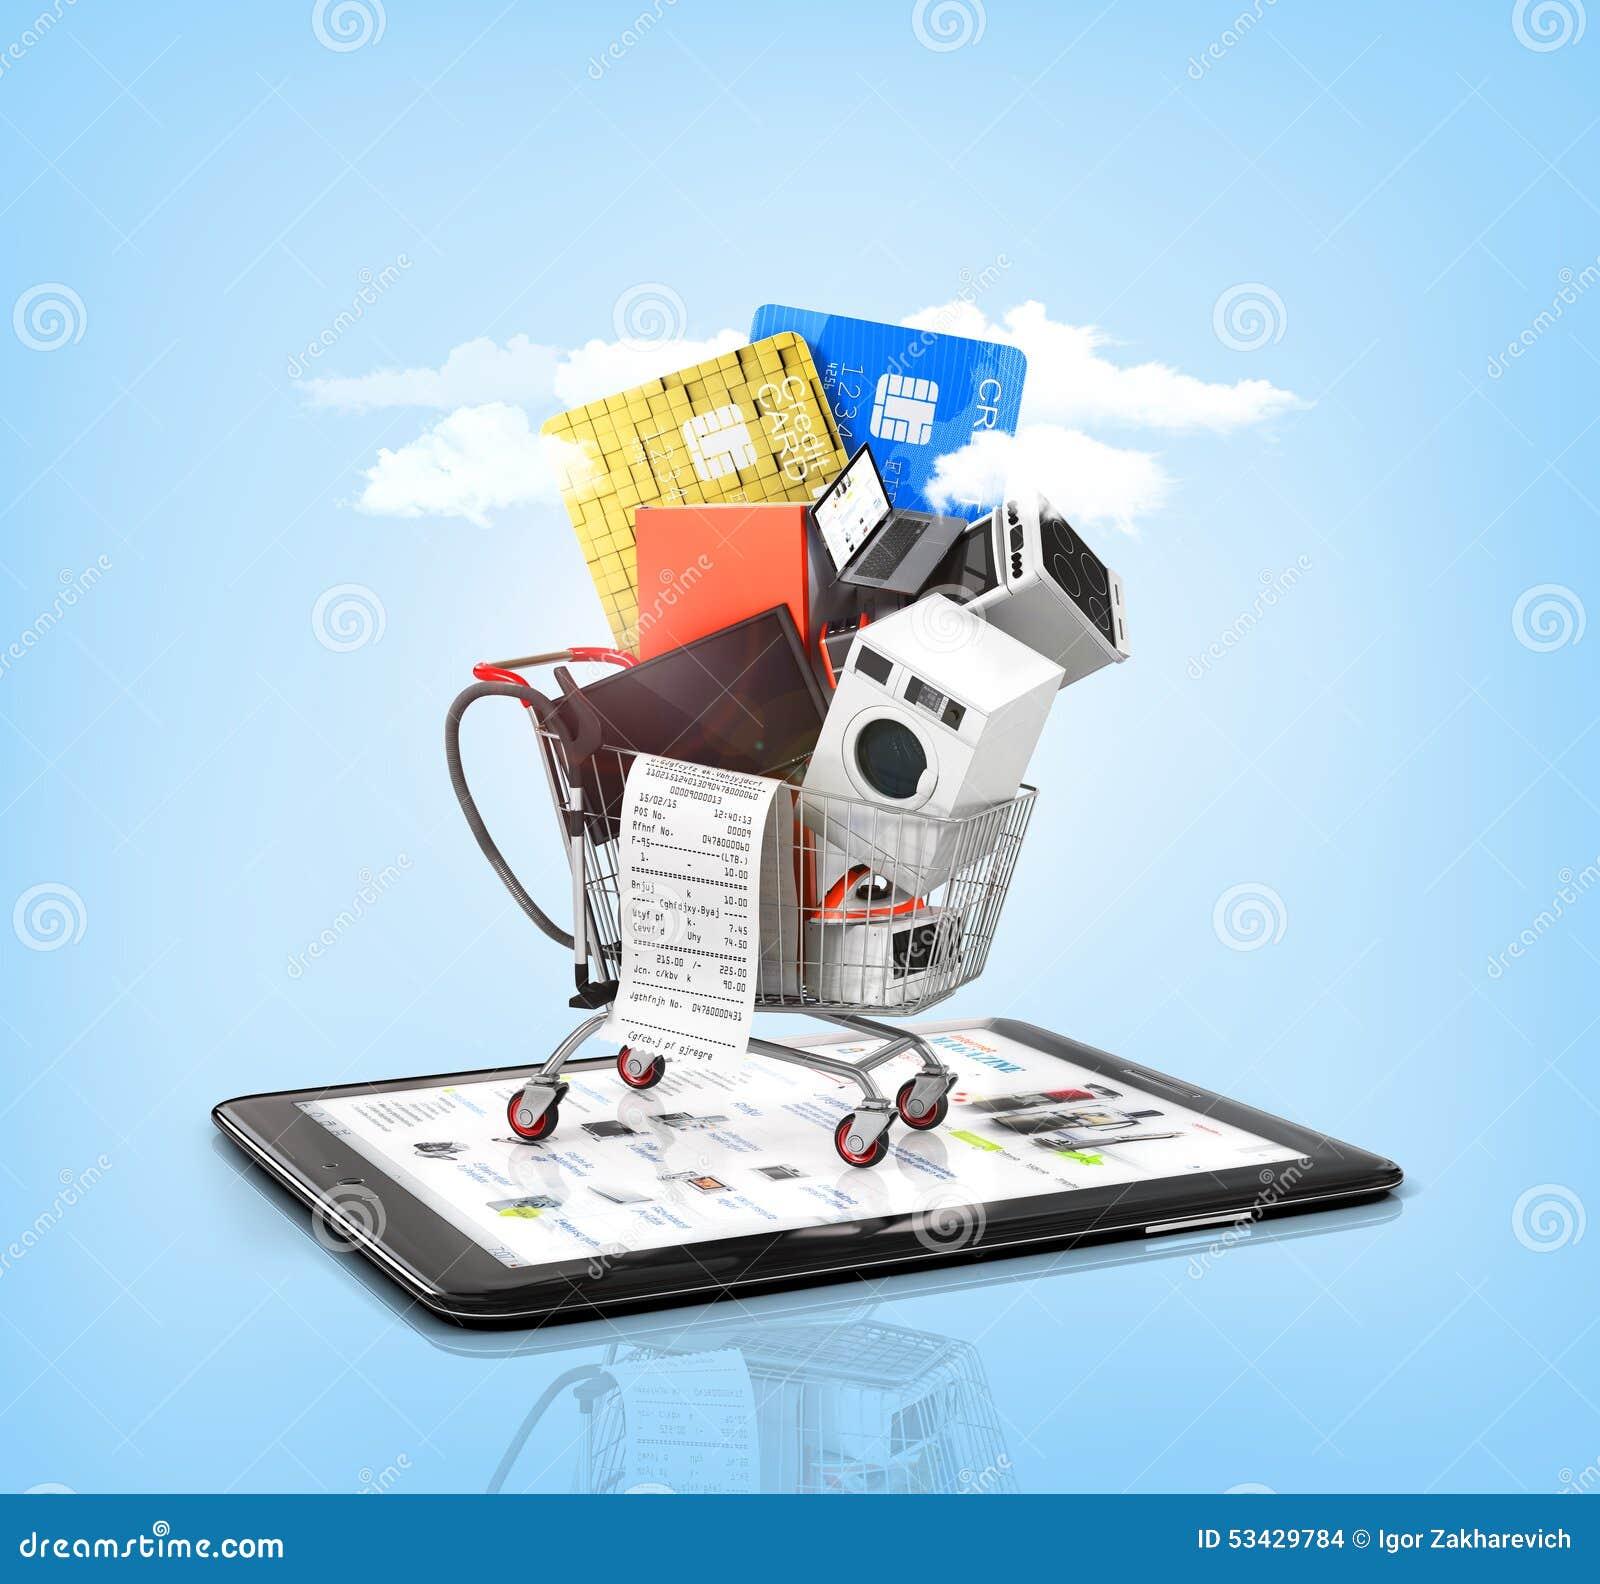 Online Store. Stock Illustration